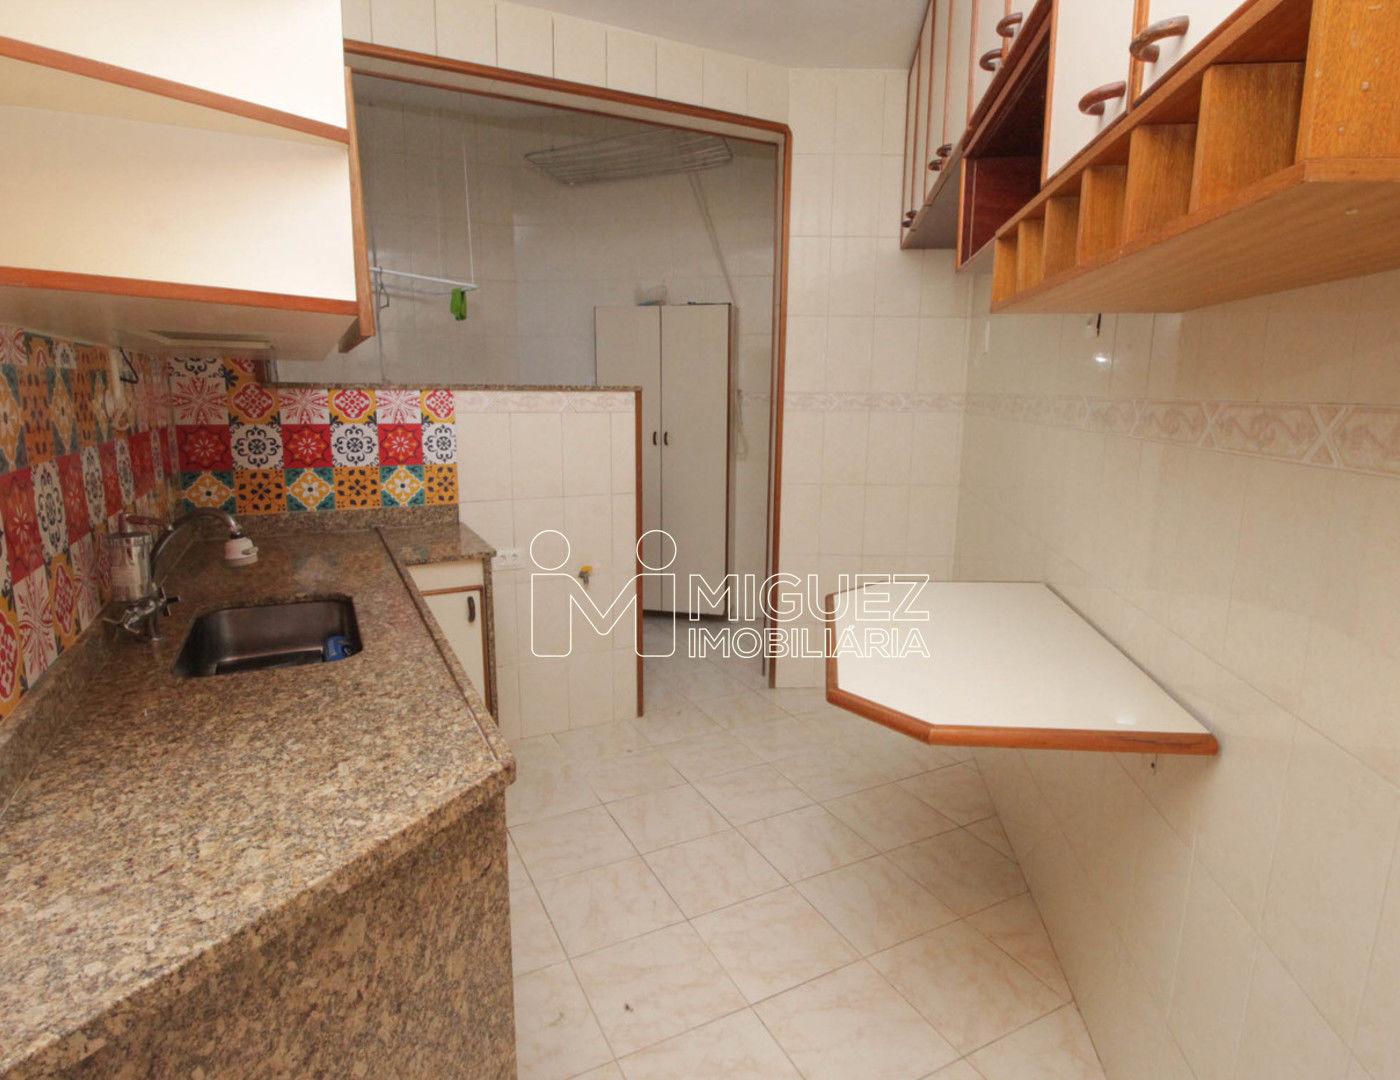 Casa, venda, Rua Felipe Camarão - Maracanã , Rio de janeiro